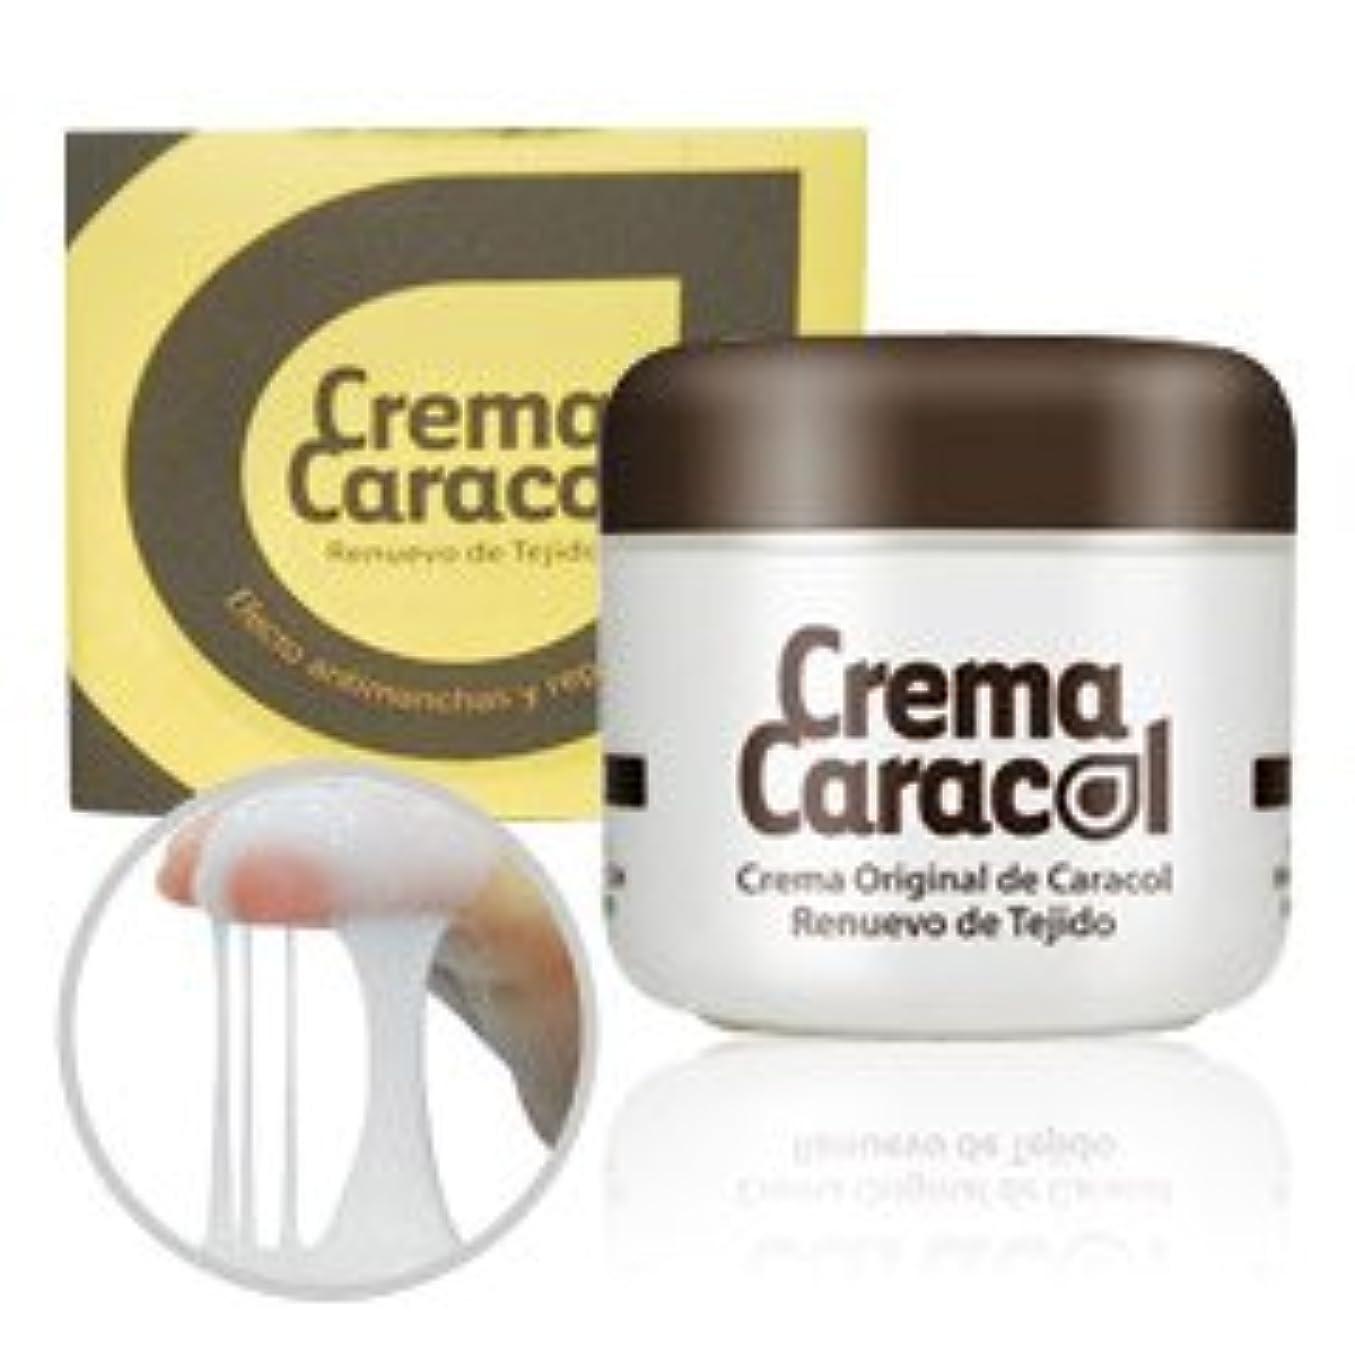 袋コークス褒賞crema caracol(カラコール) かたつむりクリーム 3個セット